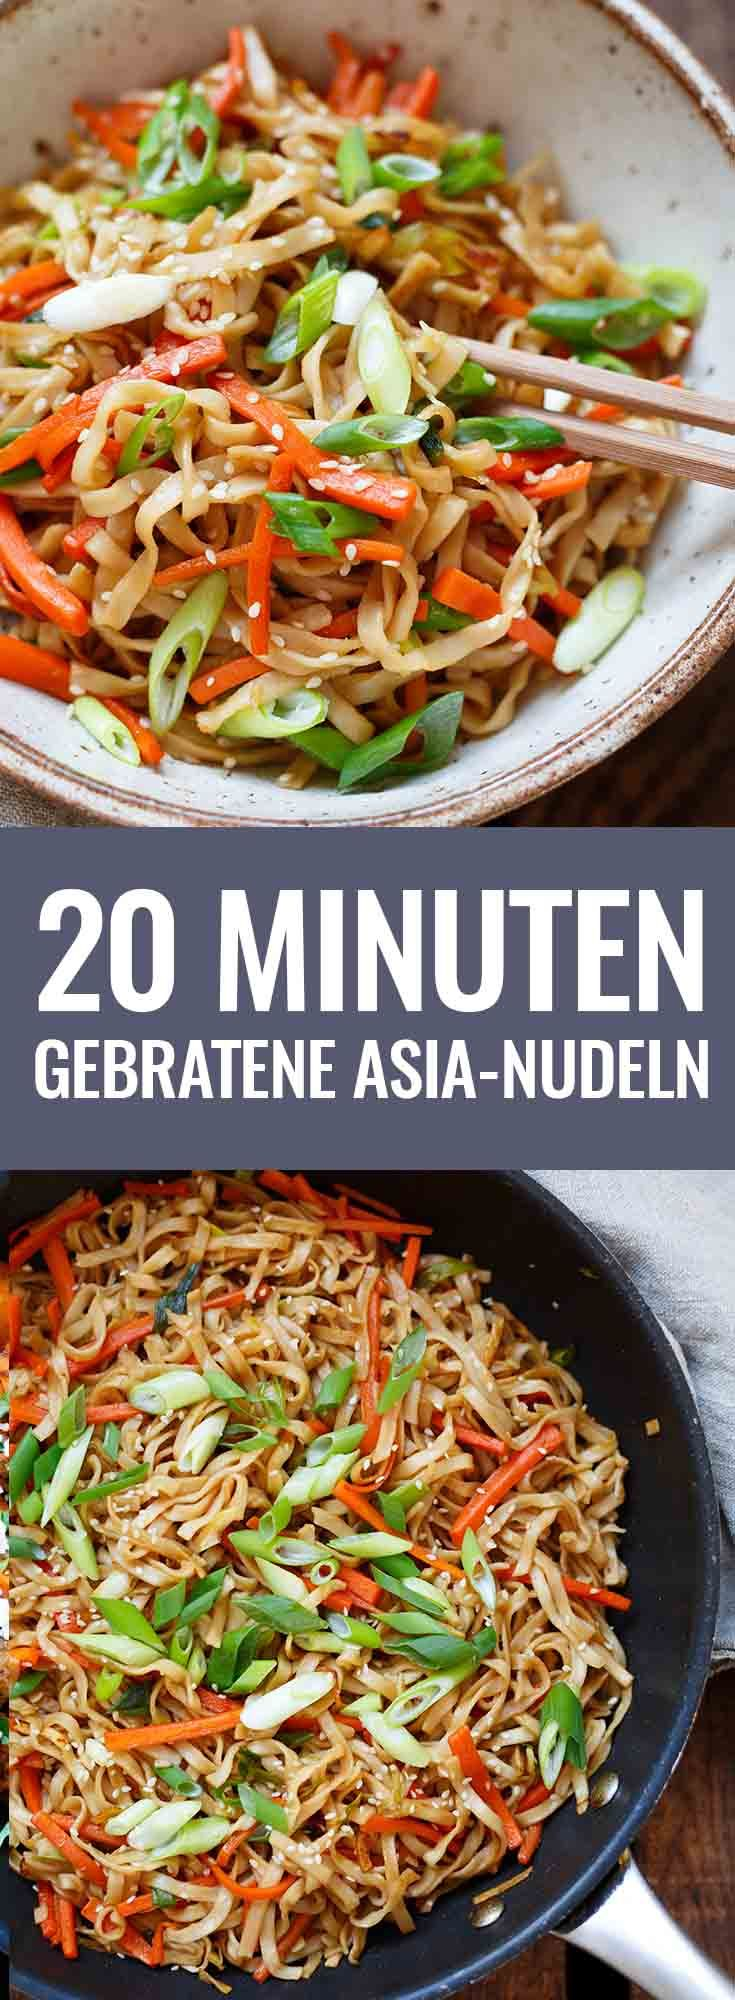 Gebratene Asia-Nudeln! Dieses einfache 20-Minuten Rezept ist ein Gamechanger! Besser als vom Takeaway, voll mit Gemüse und nur eine Handvoll Zutaten - Kochkarussell.com #bratnudeln #vegan #veggies #easyrecipe